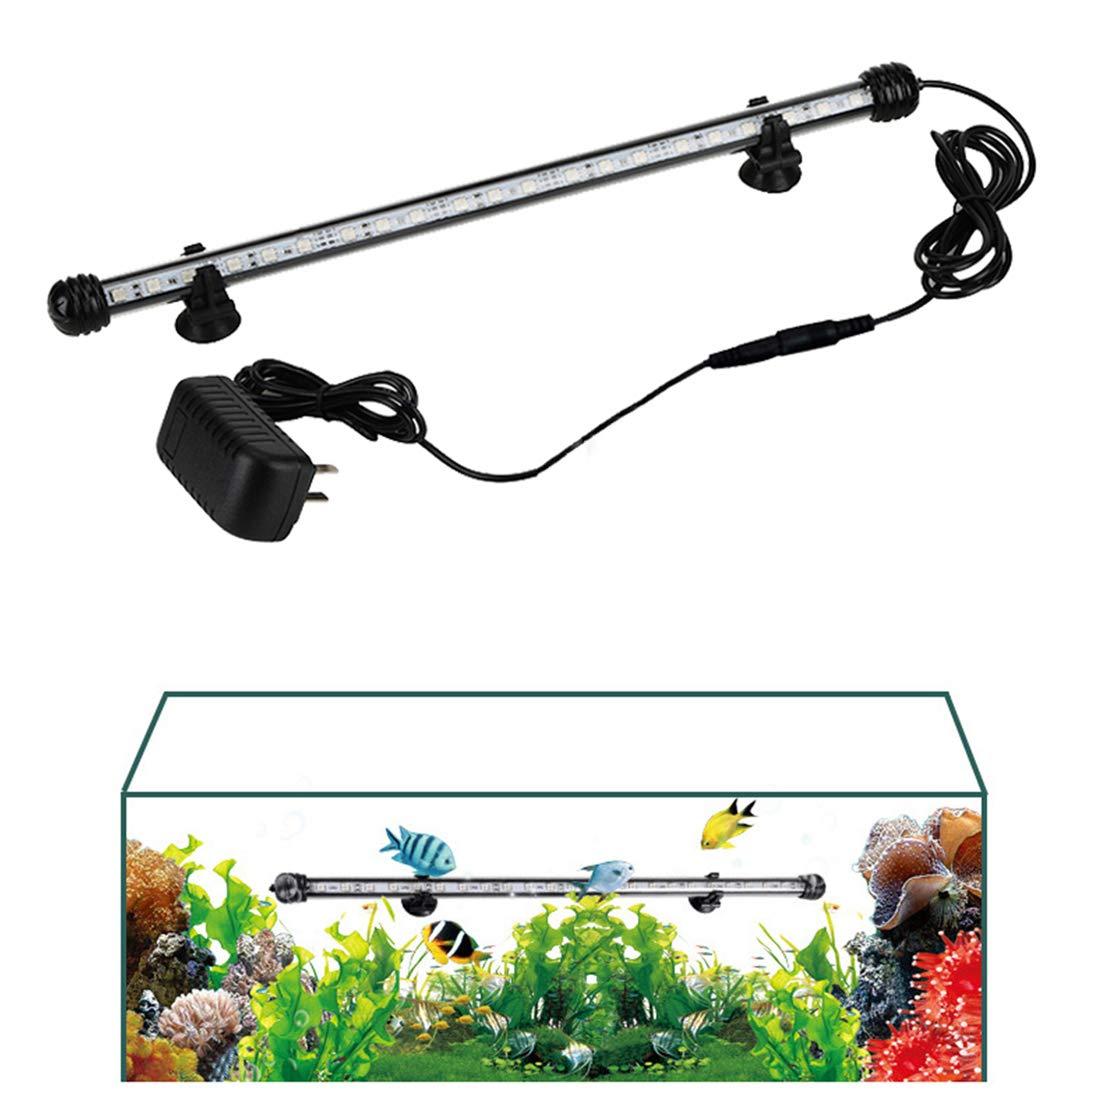 blueeandWhite 28cm 11in blueeandWhite 28cm 11in Fish Tank Light Pure color Aquarium Lights 5050 LED Lighting for Fresh and Saltwater Aquarium,28-88cm 11-35in,blueeandWhite,28cm 11in